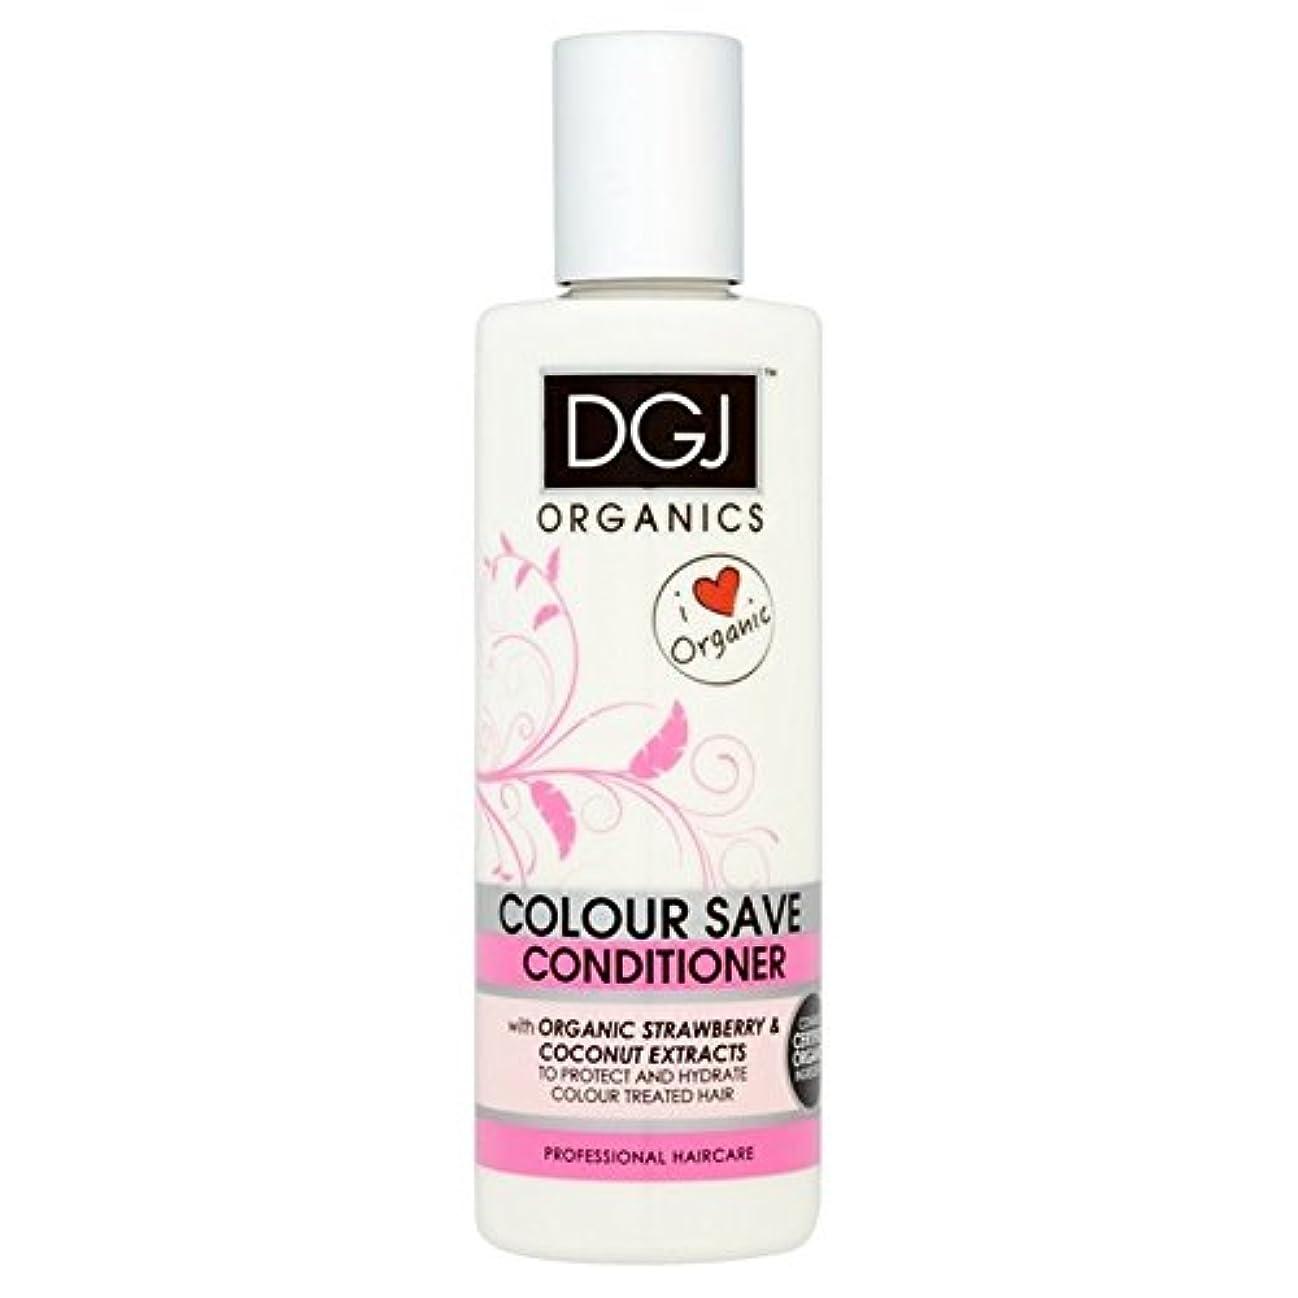 衣装モーテル領事館DGJ Organics Colour Save Conditioner 250ml - 有機物の色コンディショナー250を保存 [並行輸入品]